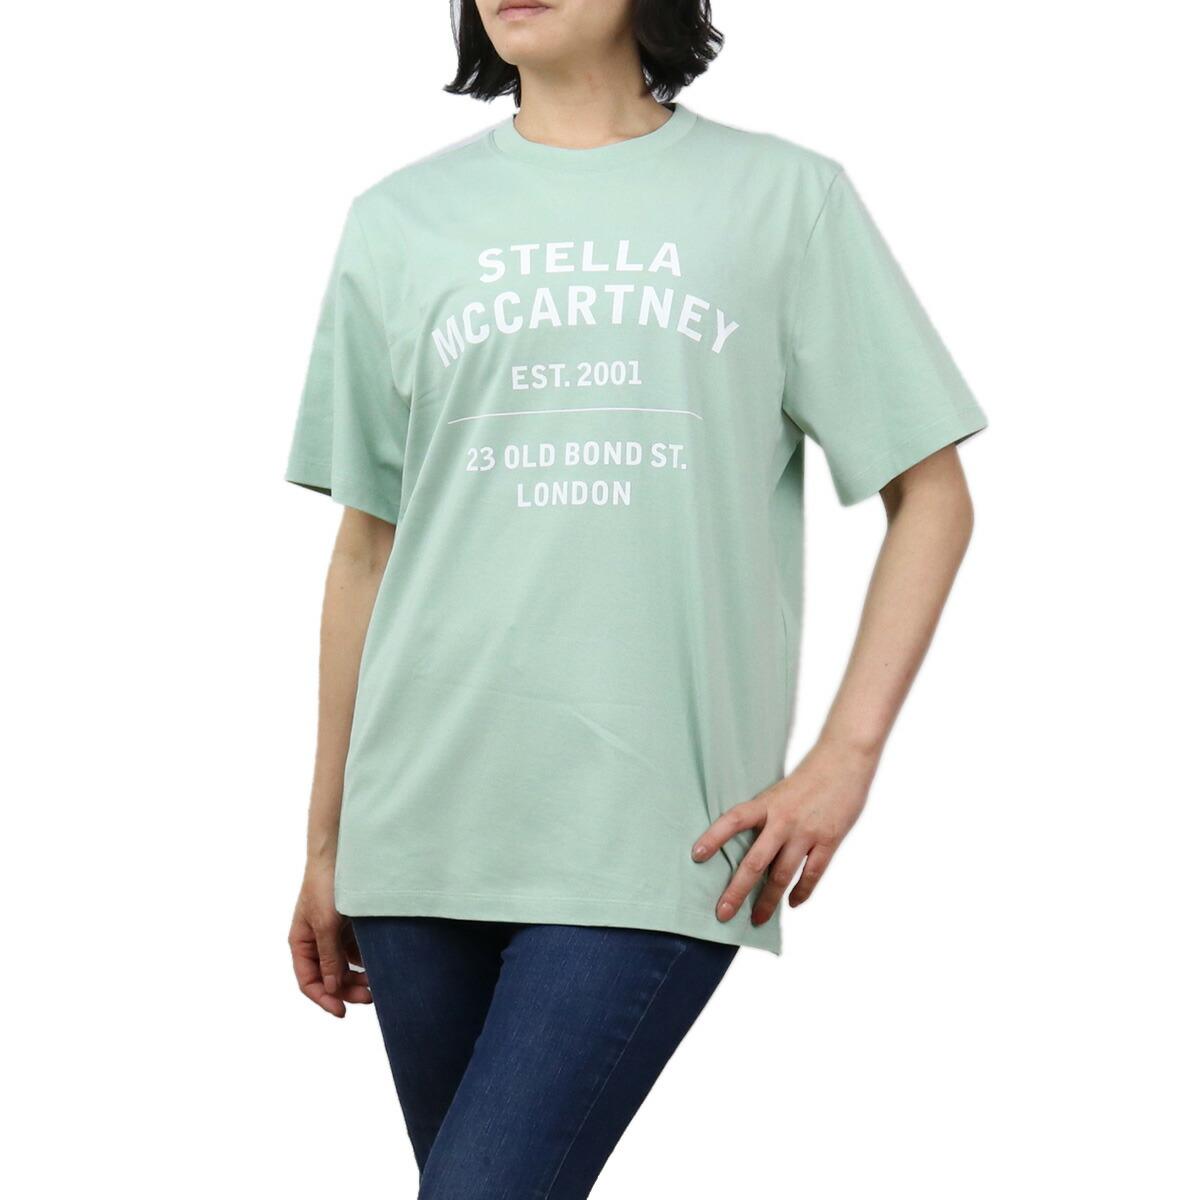 ステラマッカートニー STELLA MCCARTNEY レディース-Tシャツ 601849 SMP86 9440 グリーン系 bos-11 apparel-01 ts-01 最安値挑戦中レディース